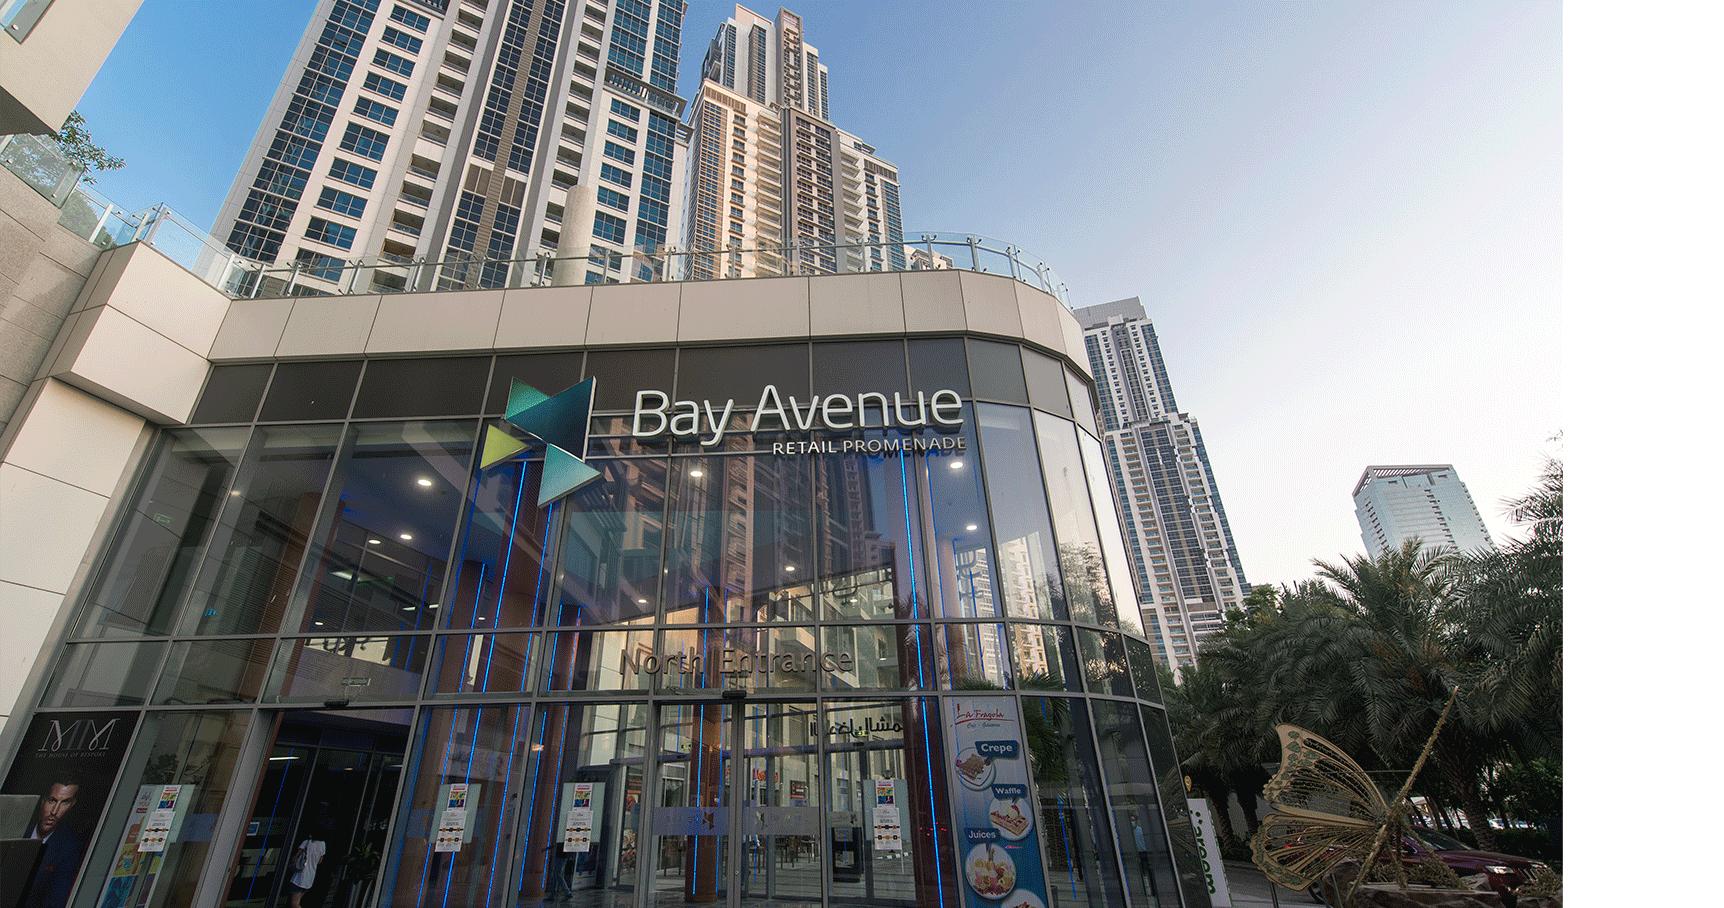 bay avenue outside